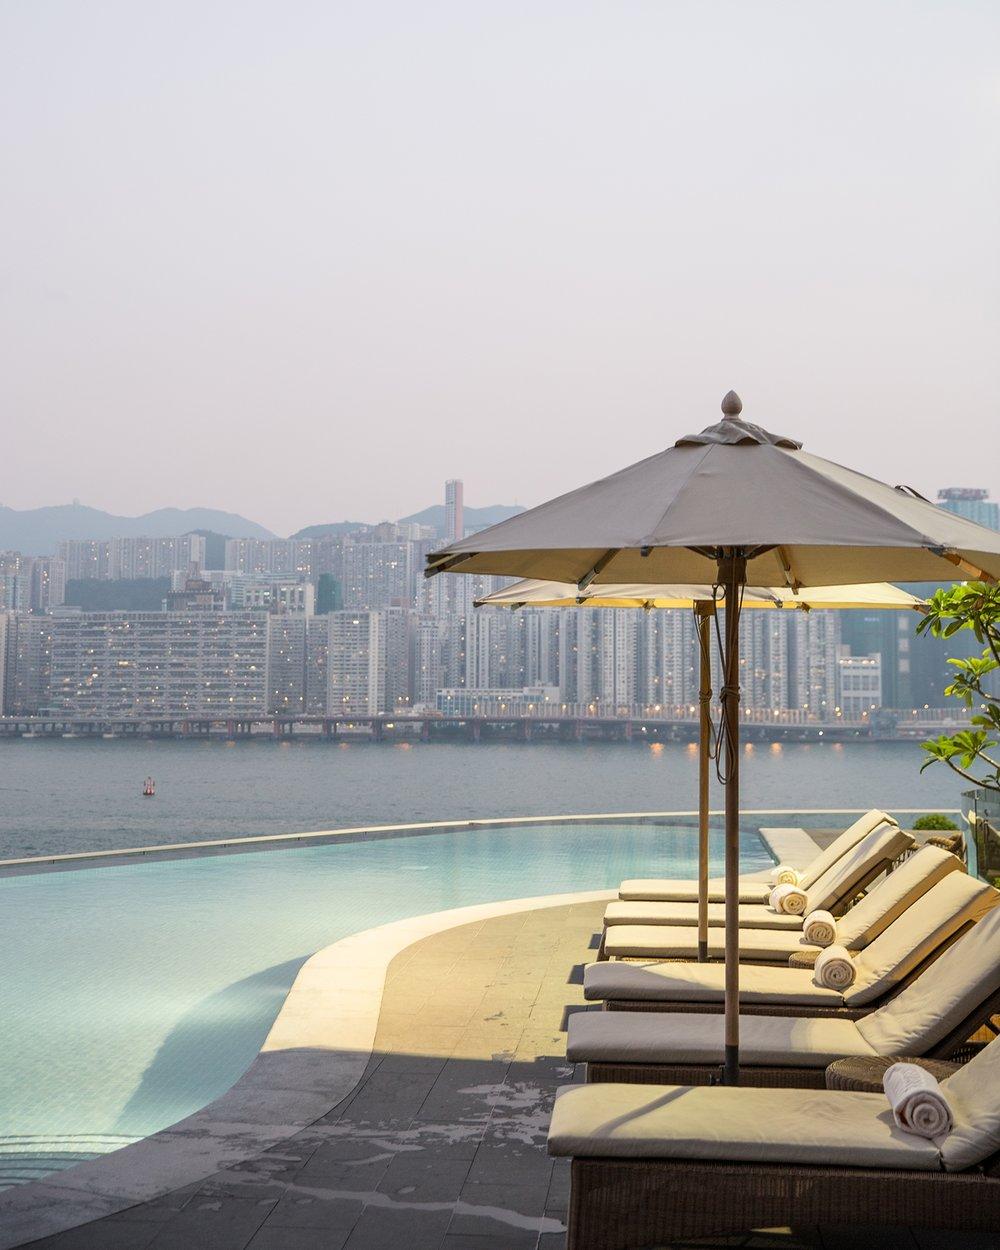 RhiannonTaylor_HongKong-3577.jpg